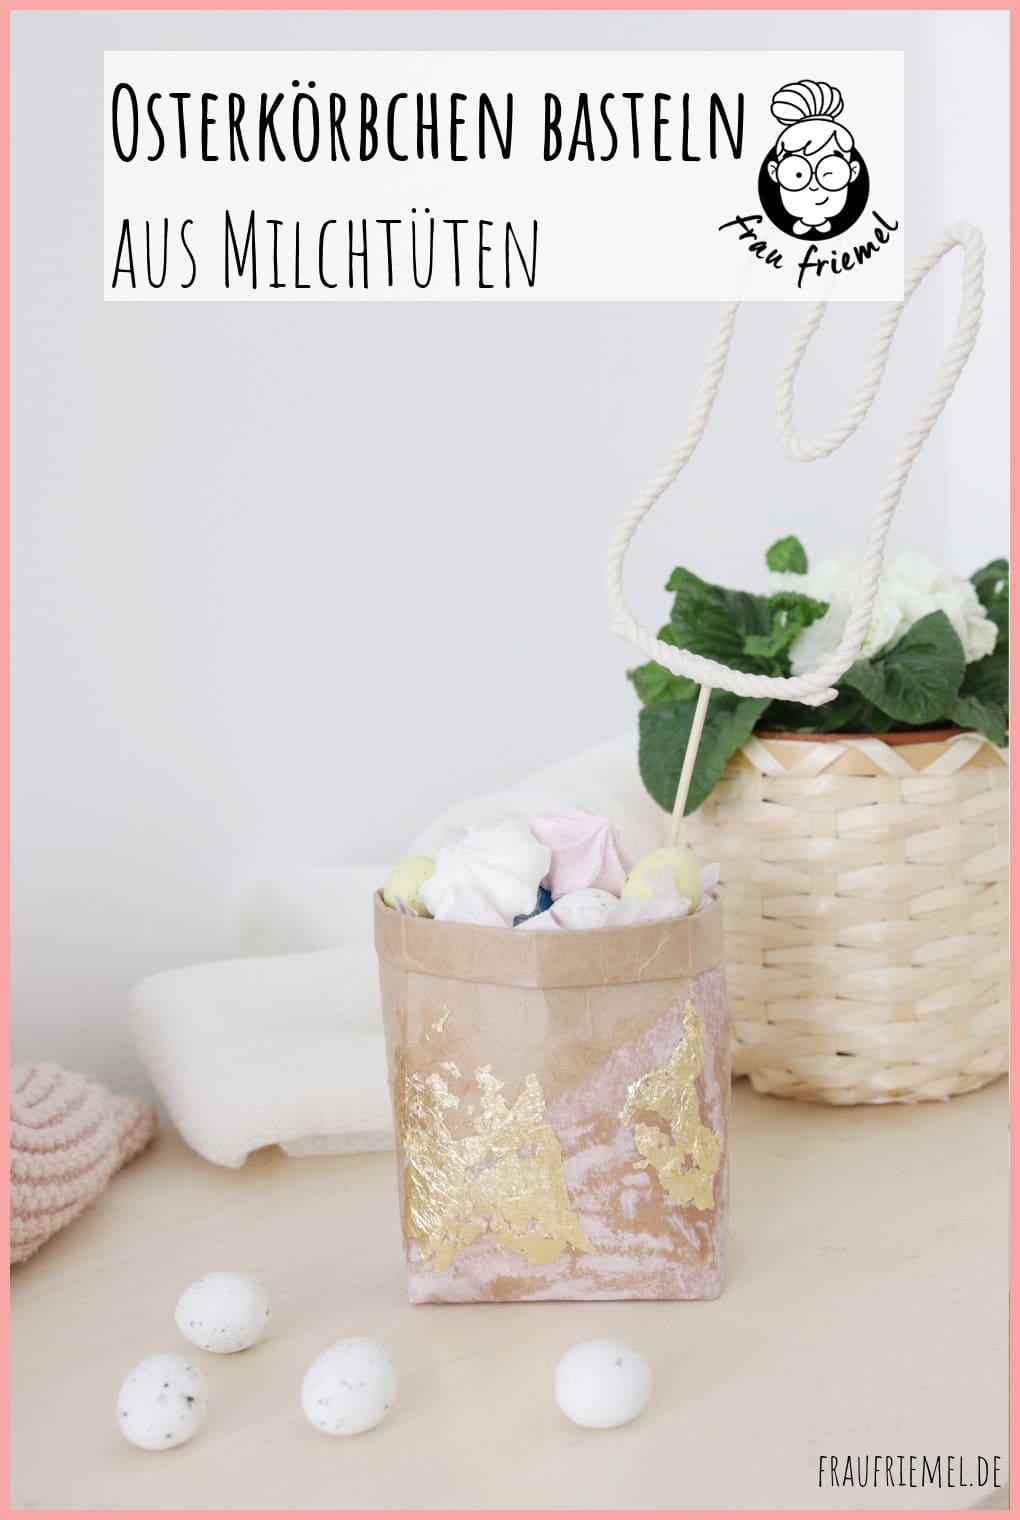 Osterkörbchen basteln aus Milchtüten mit frau friemel auf Pinterest merken